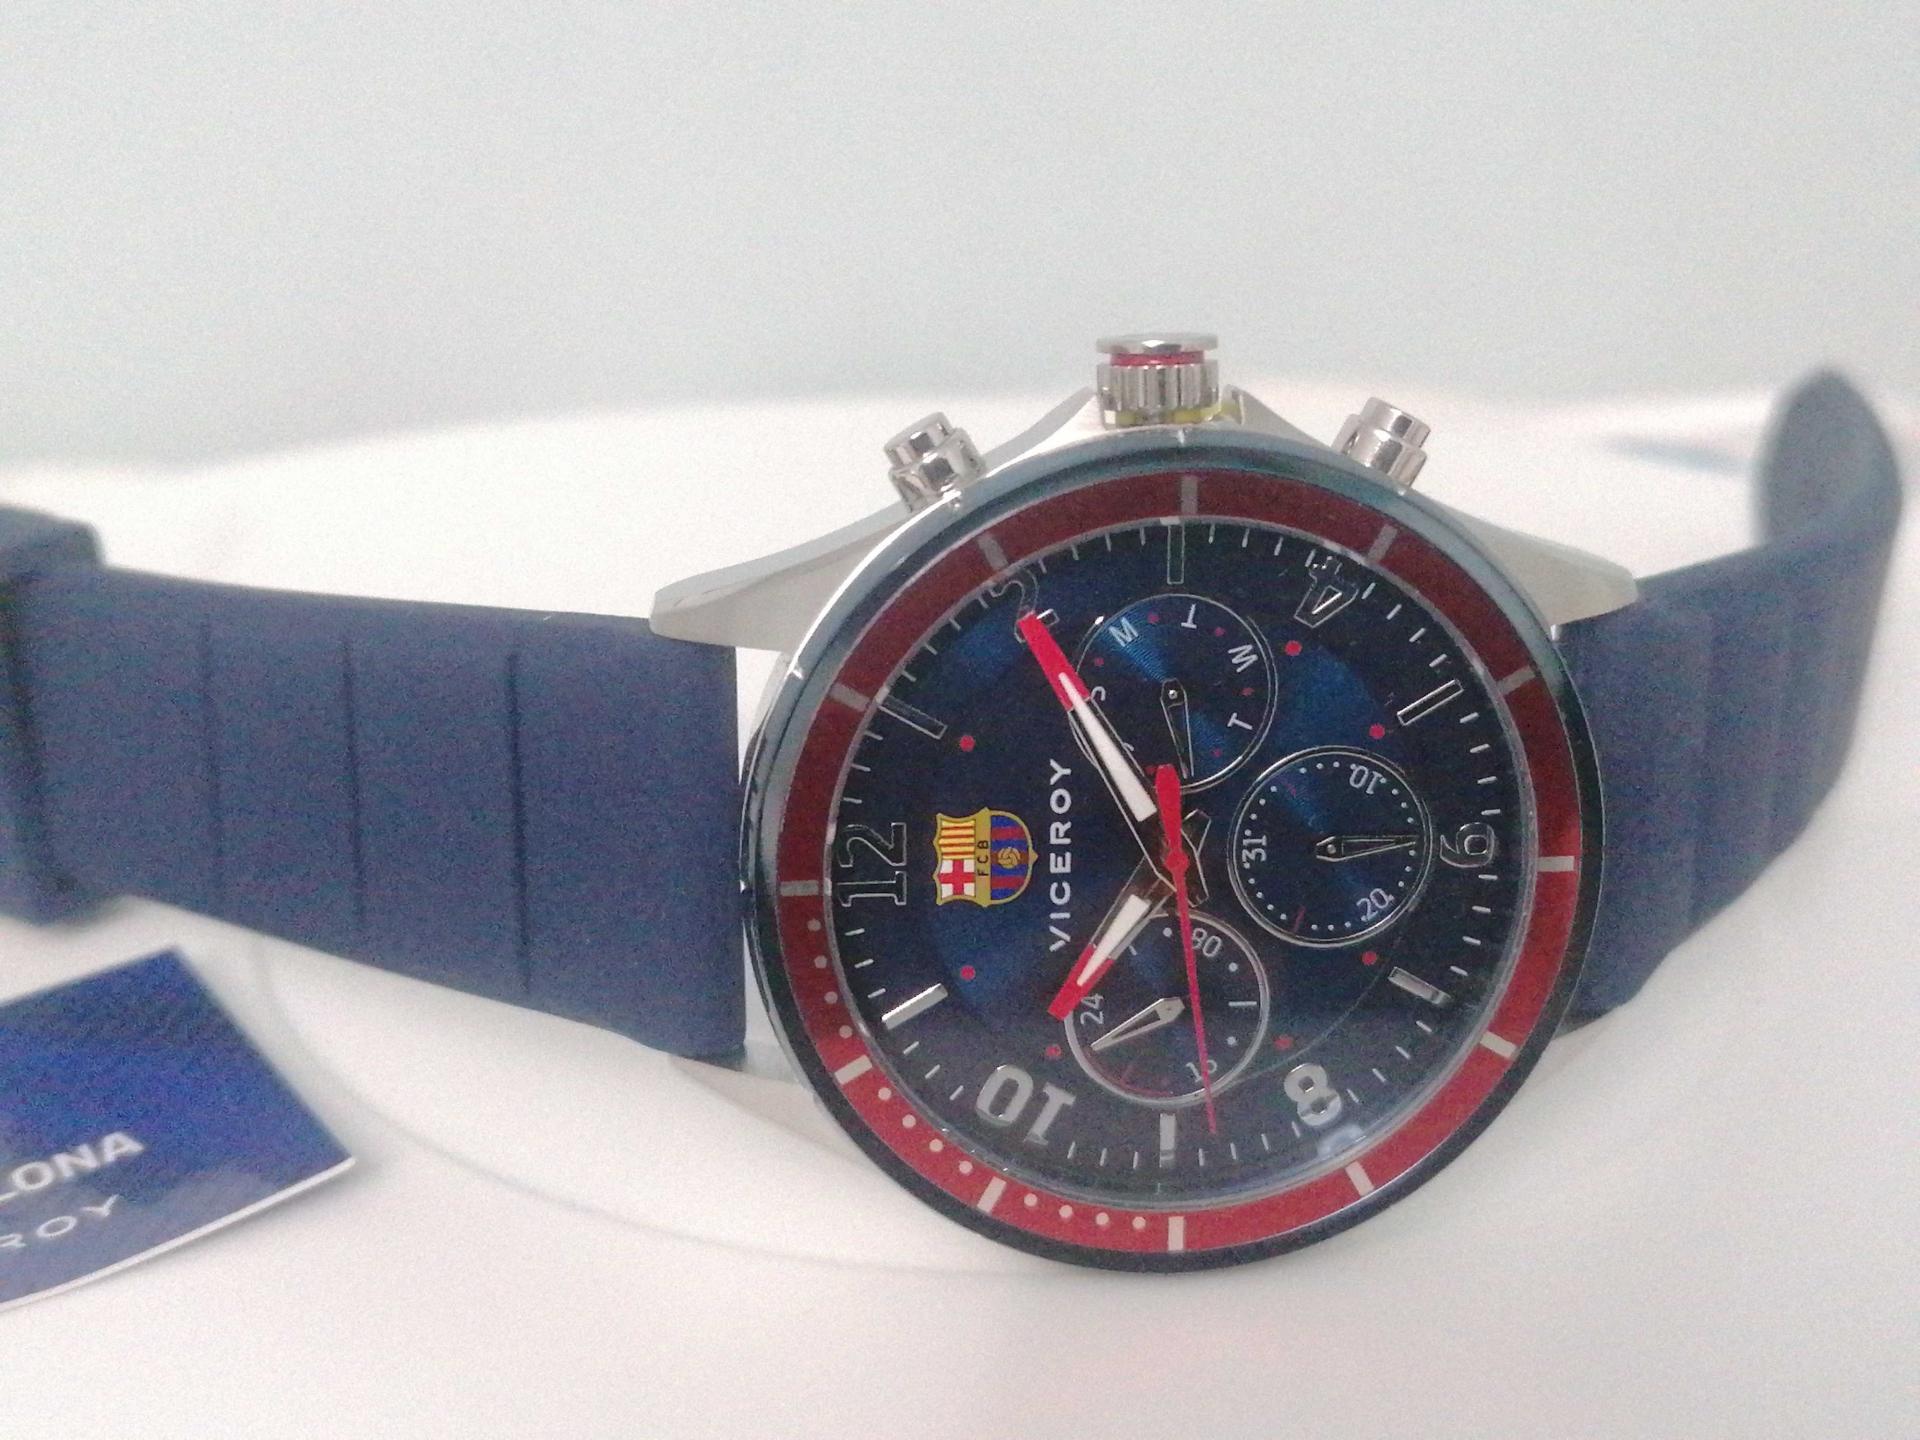 Reloj Del Barcelona Oficial Viceroy 471289-35 Correa Silicona